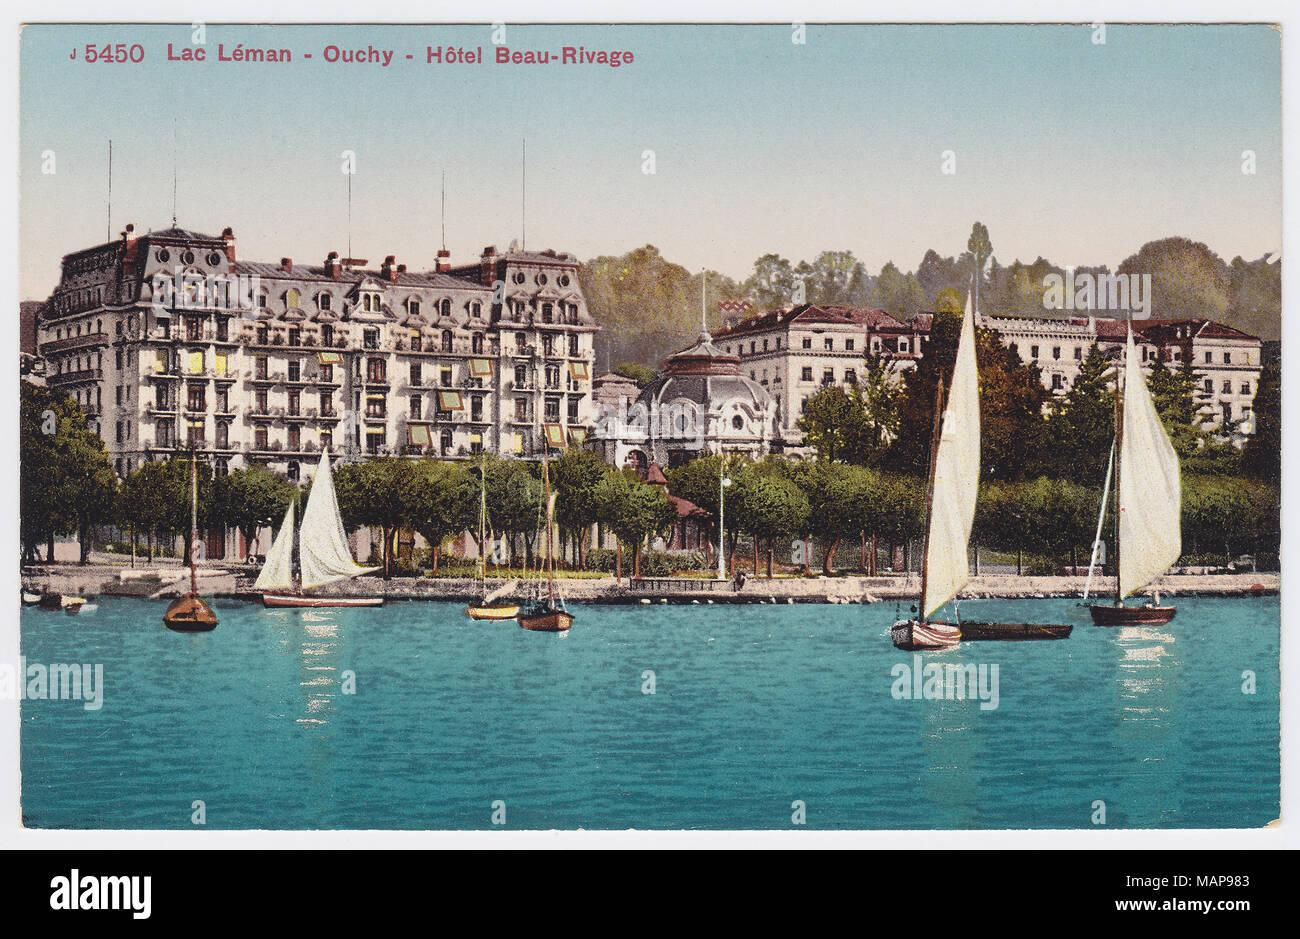 Beau-Rivage Palace, Lausanne, Switzerland - Stock Image